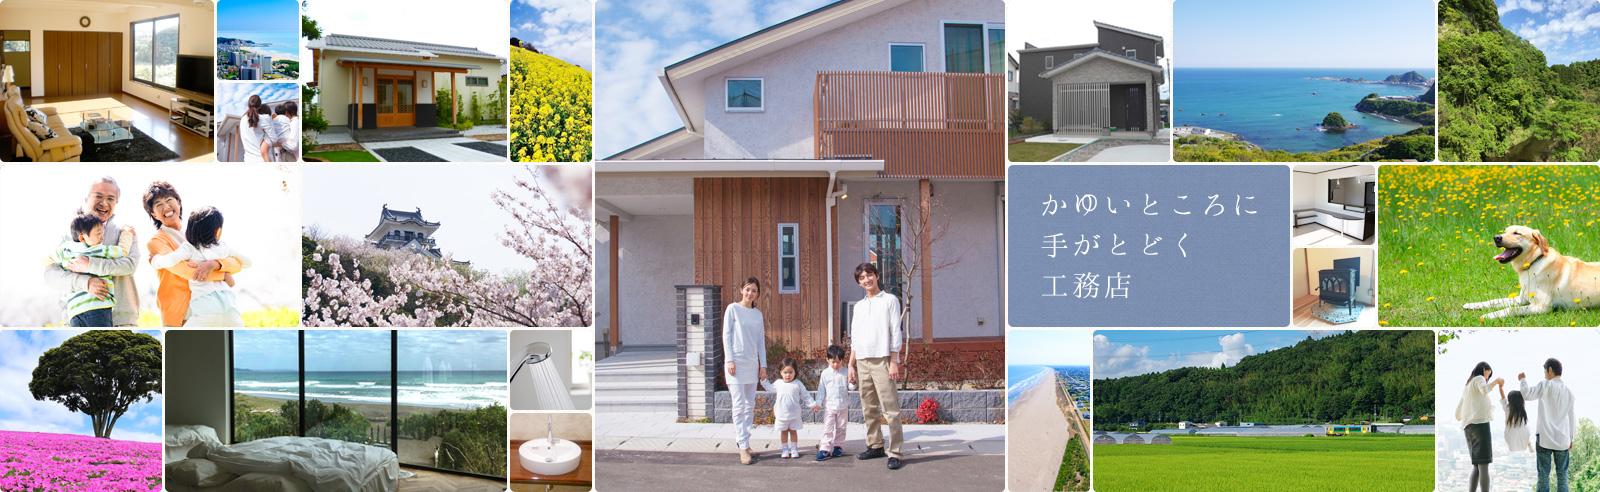 君津・木更津エリアの新築リフォーム 地元に根付いた工務店「新和建設」